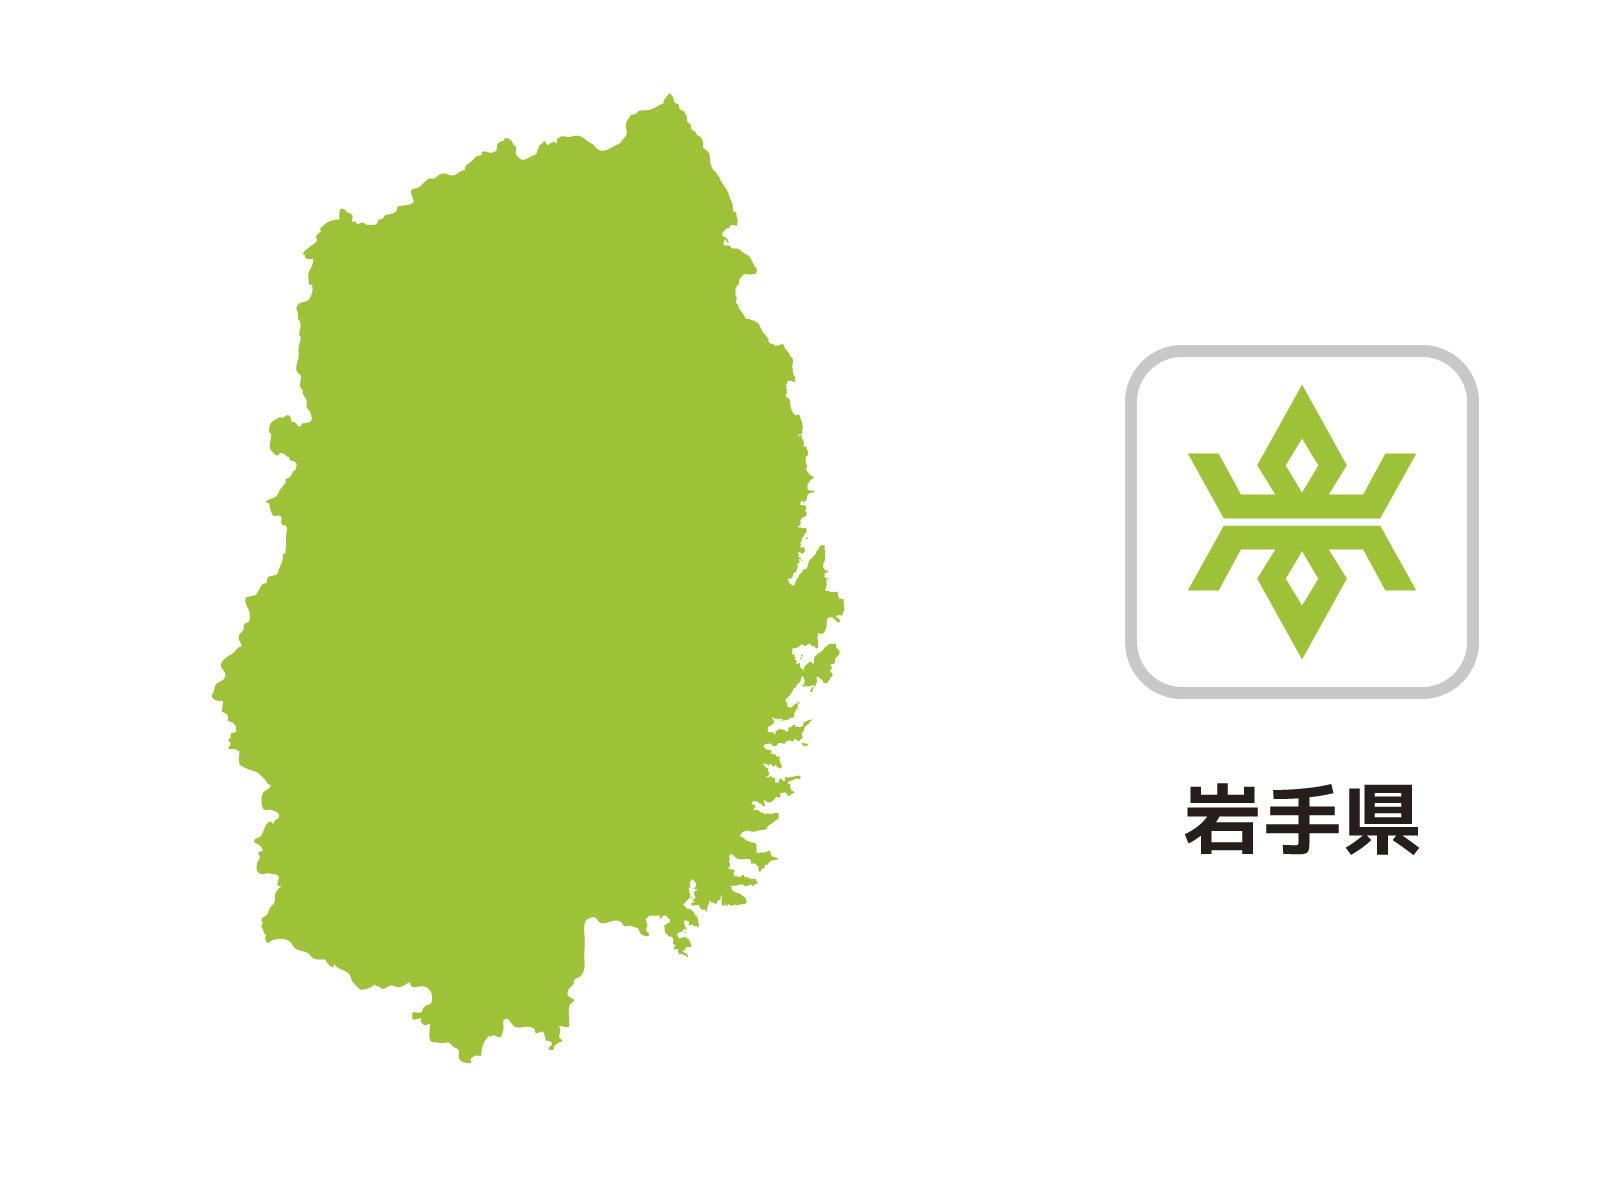 岩手県で債務整理(借金相談)を扱う弁護士・司法書士事務所一覧